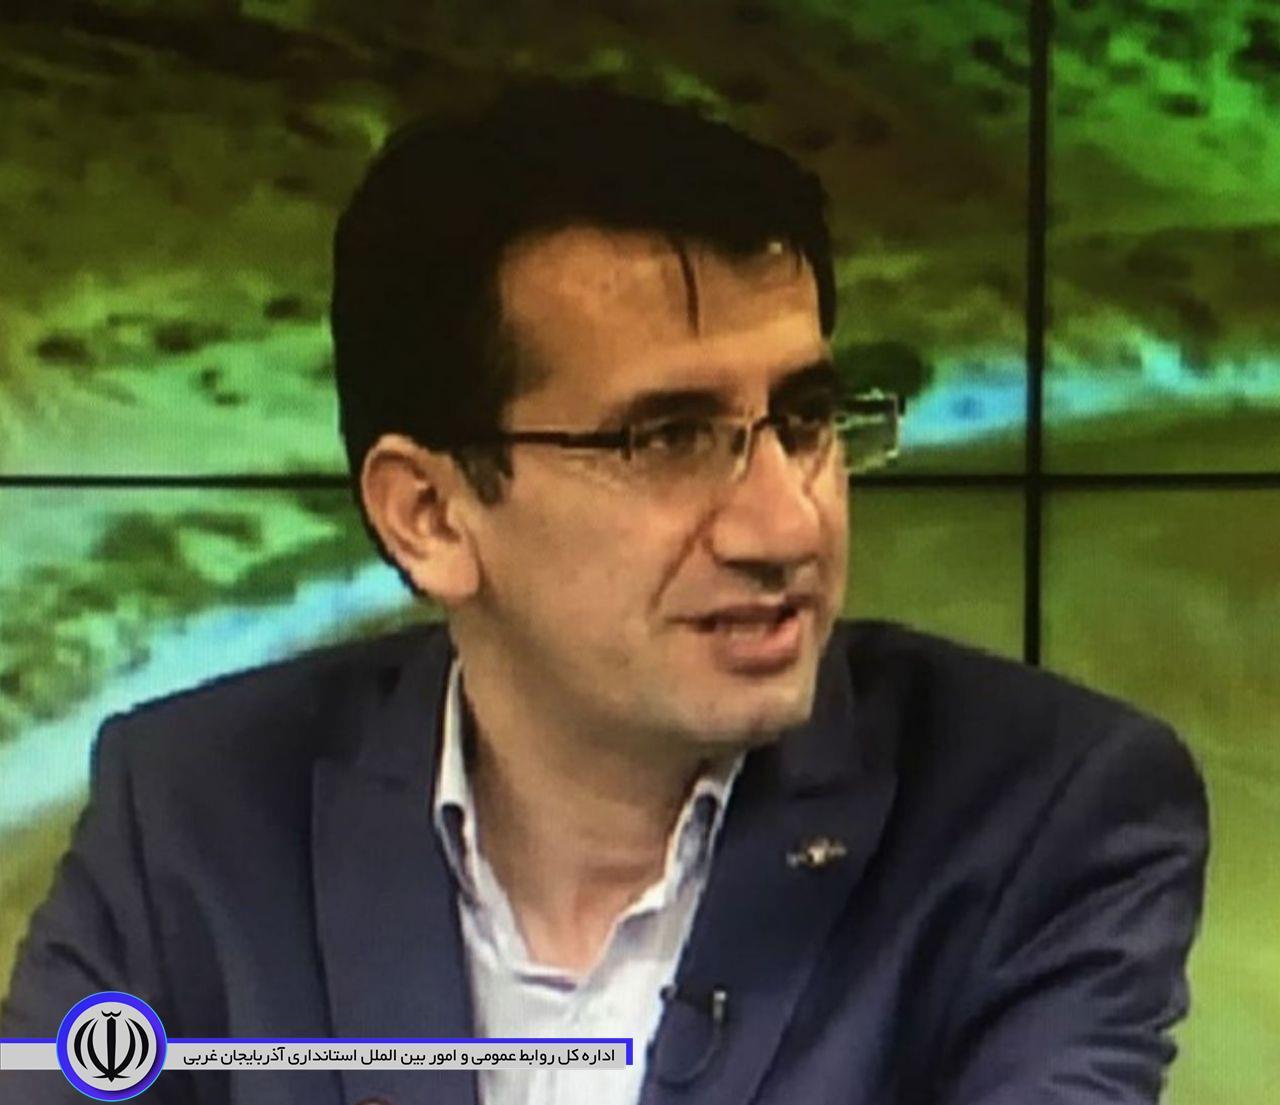 سرپرست دفتر امور اجتماعی و فرهنگی استانداری آذربایجان غربی منصوب شد